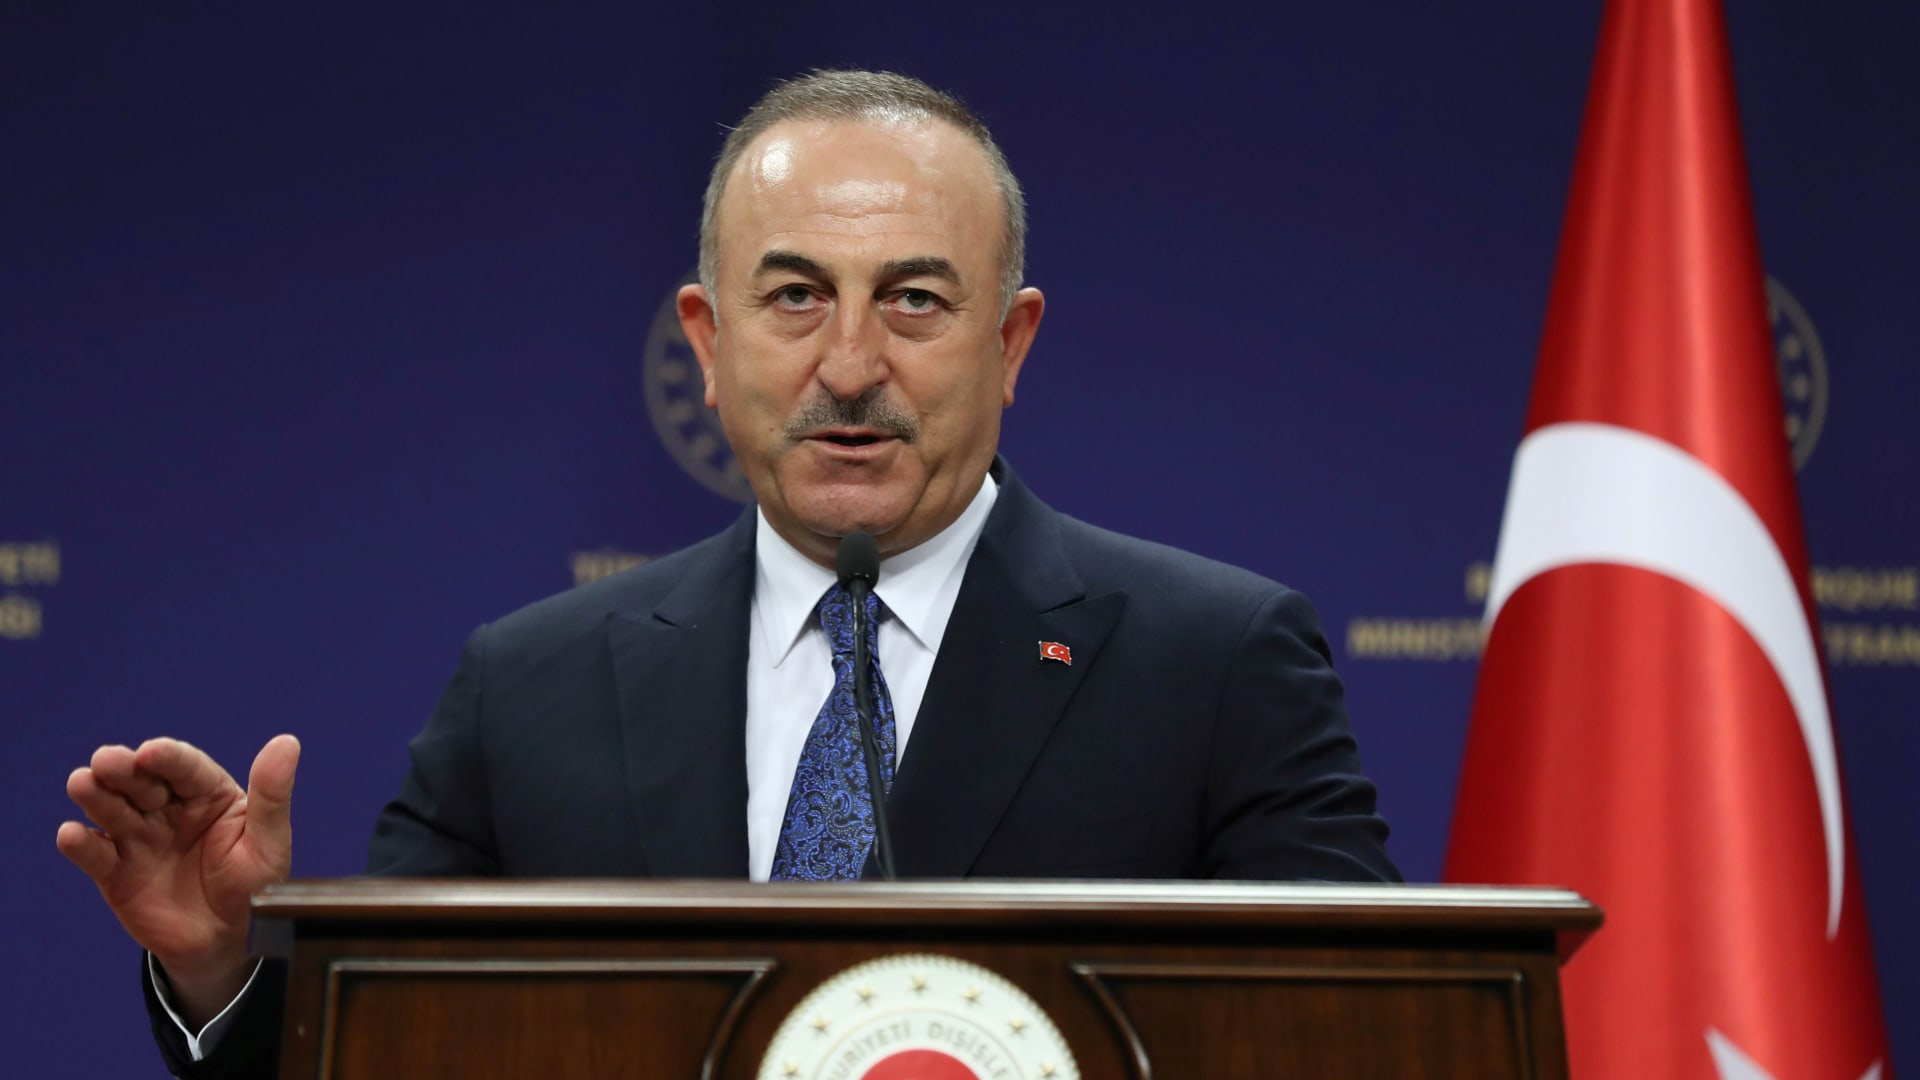 تعالوا نفكر.. لماذا تريد تركيا العودة إلى شرق البحر الأبيض المتوسط؟